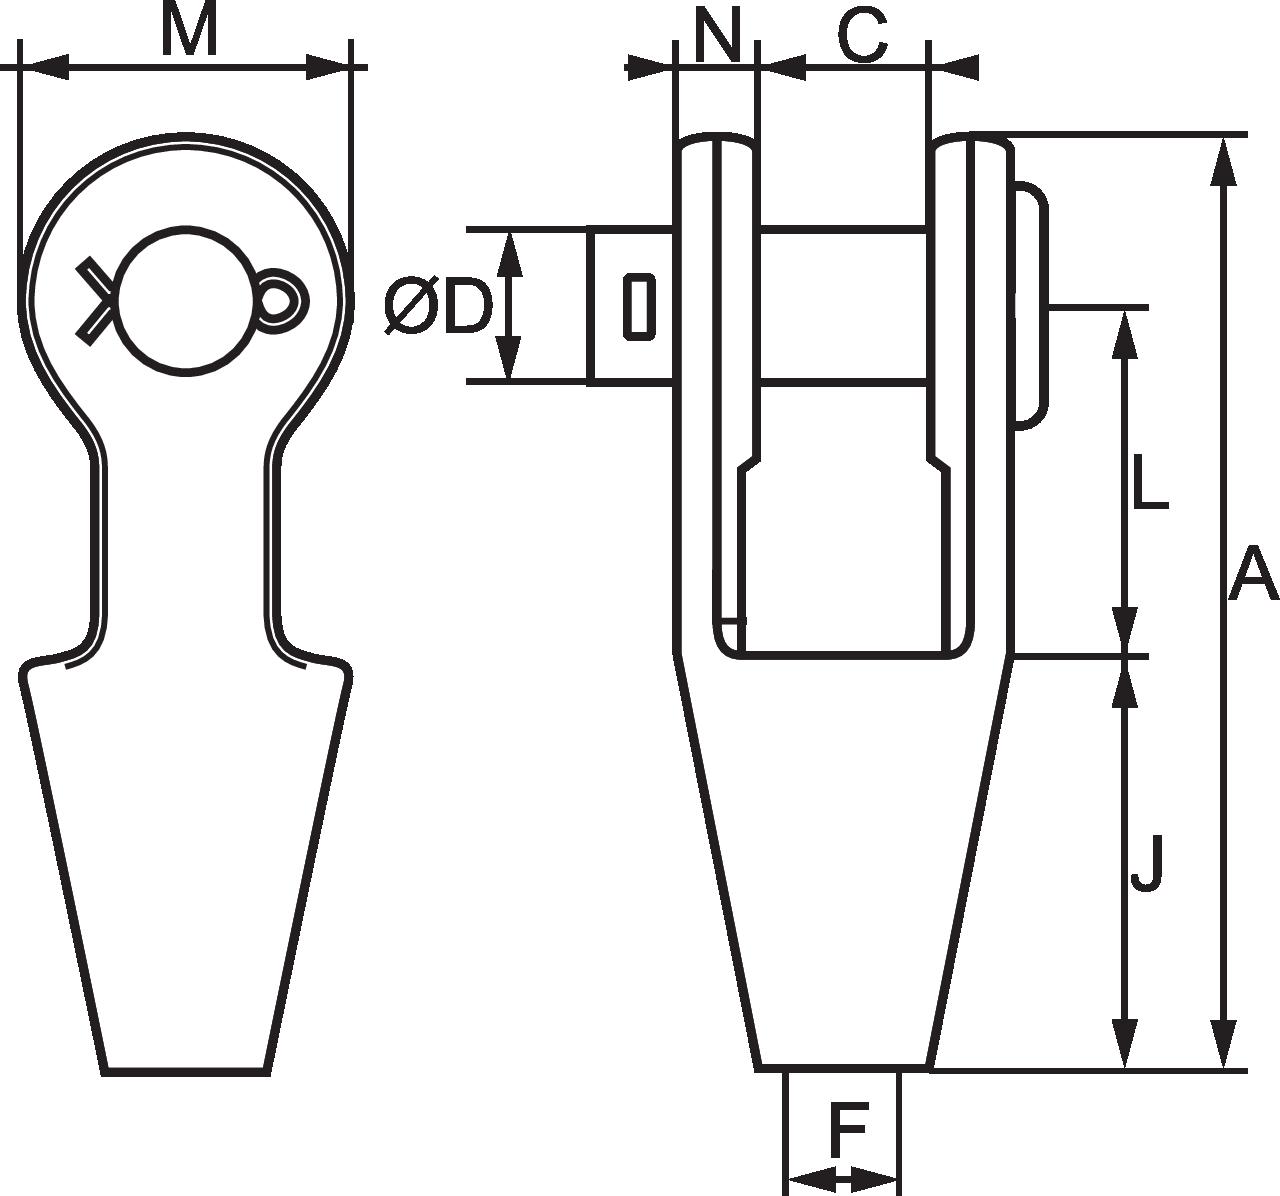 Open Spelter Socket Oss Certex Uk Diagram For Wiring 8 Pin Nr 51 G1m Micke 225mm